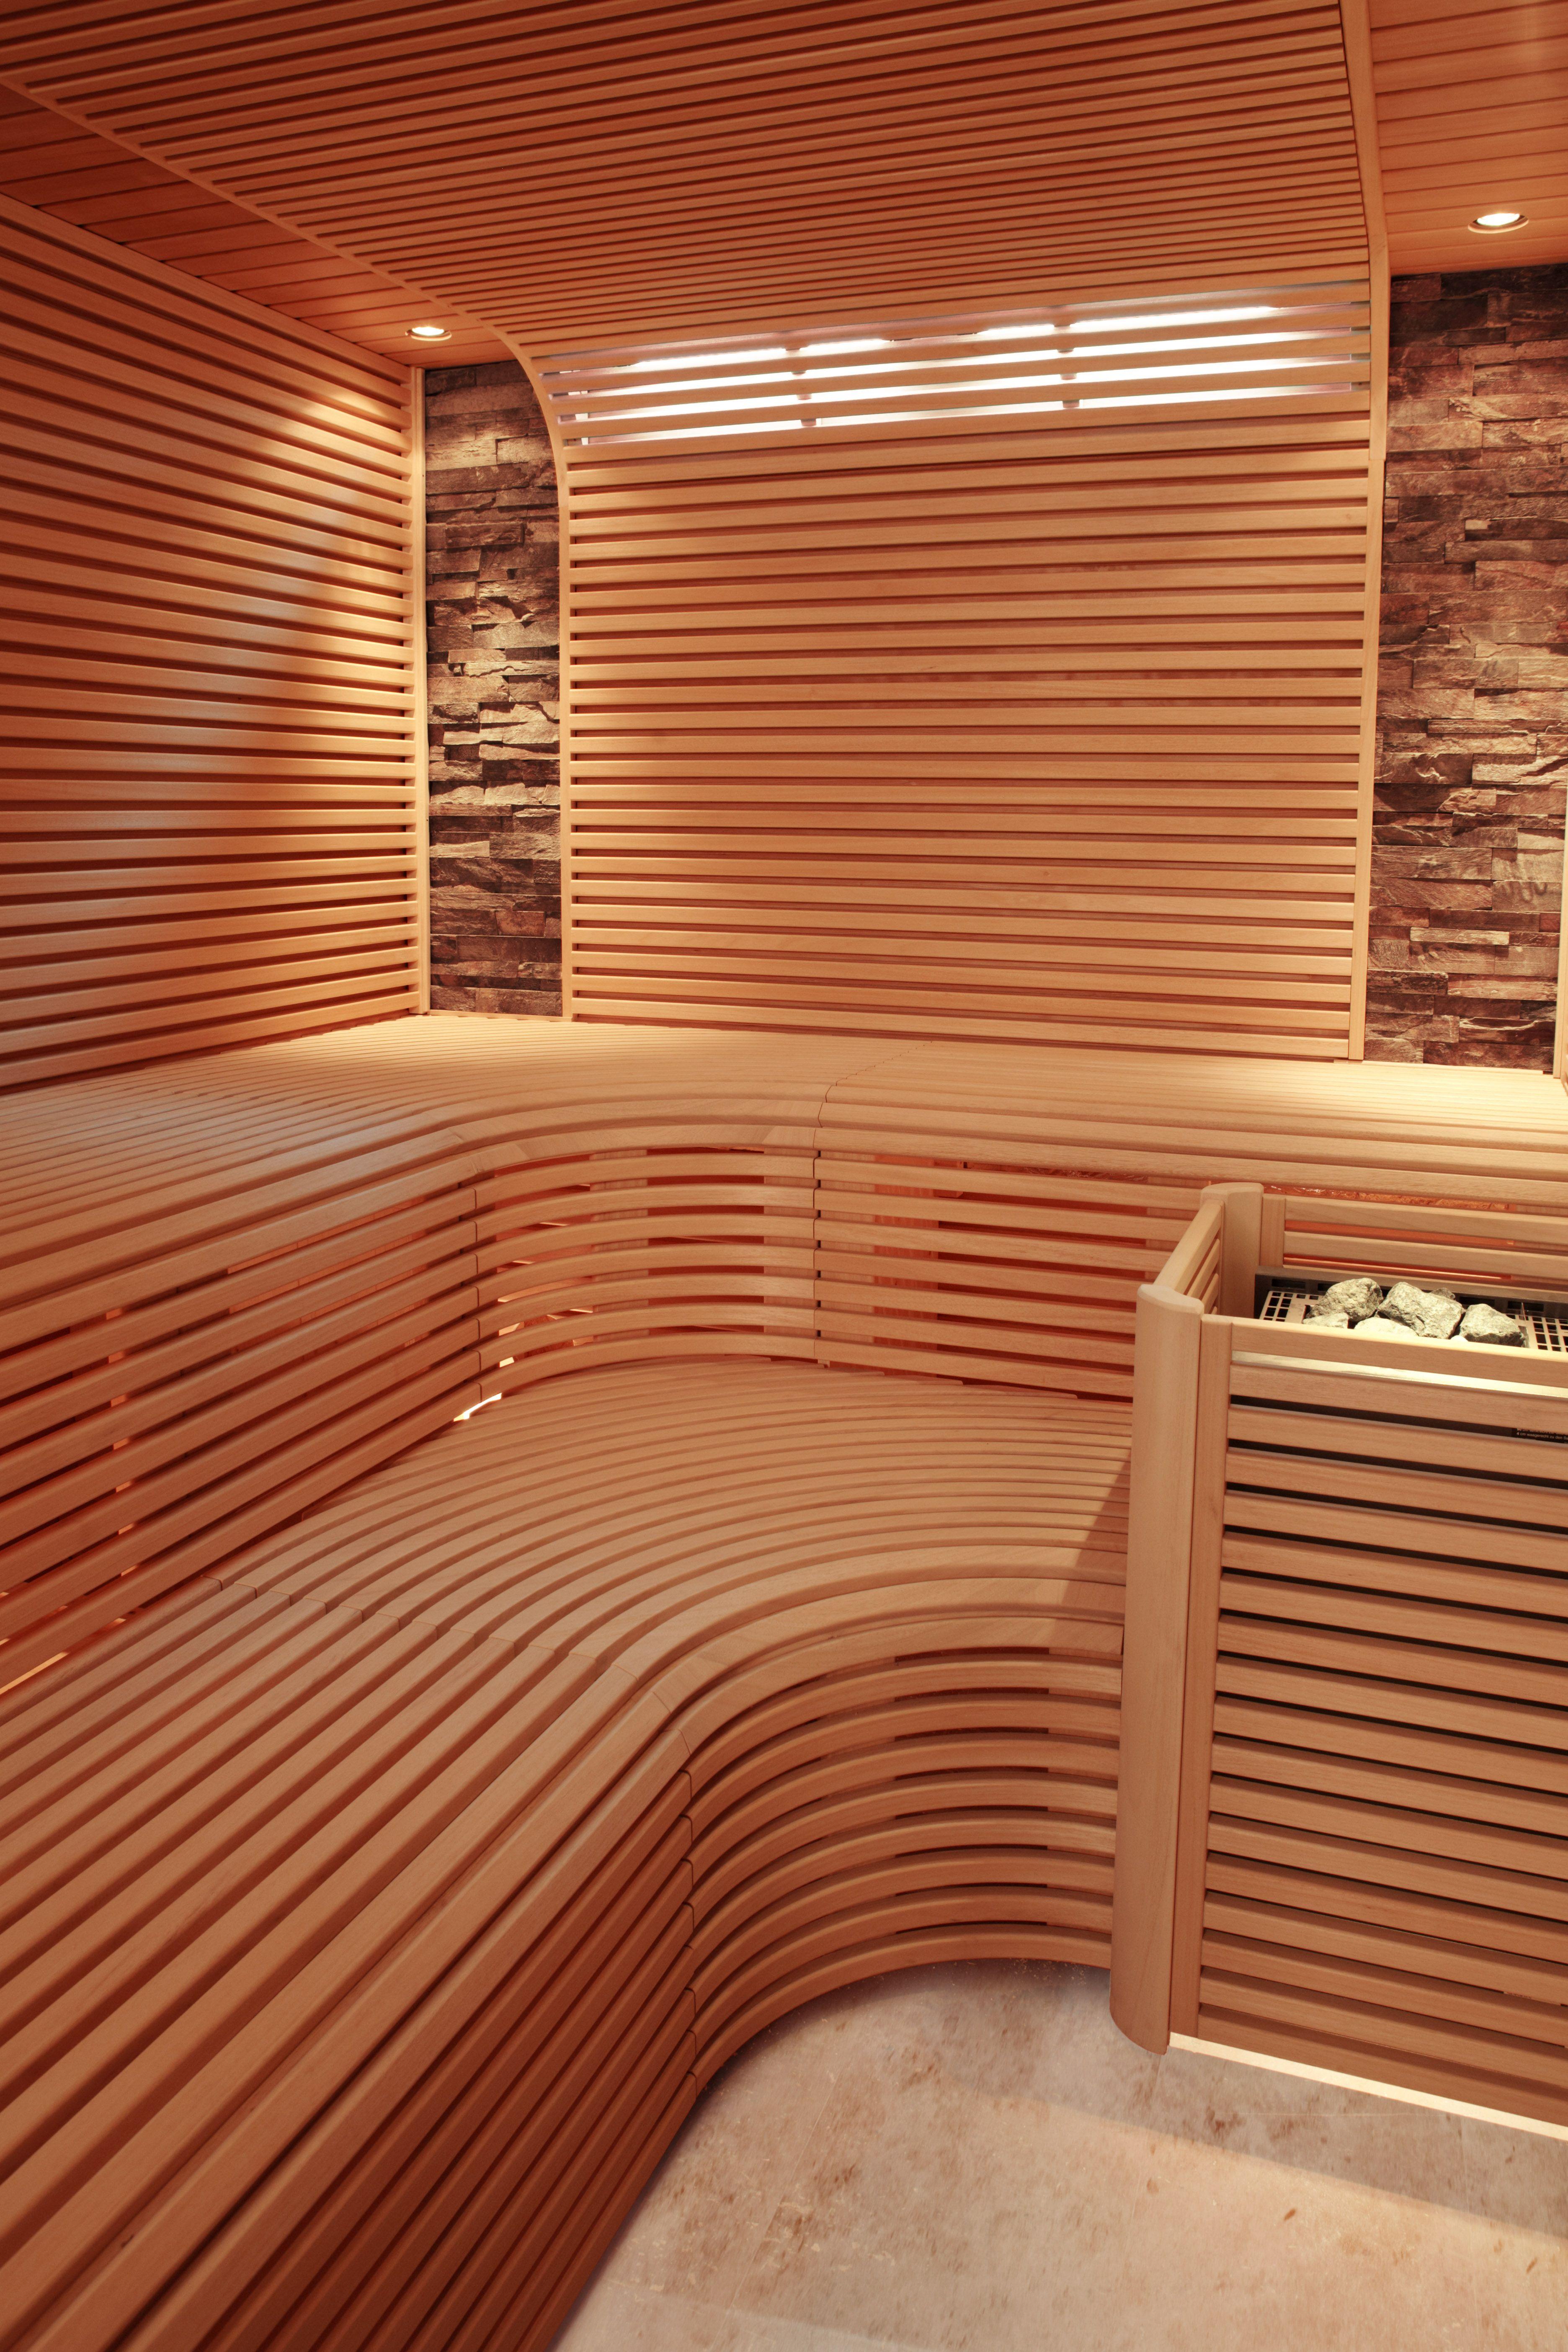 sauna mit schmalen leisten und zwei steinstreifen an der wand erdmann sauna erdmannsaunabau. Black Bedroom Furniture Sets. Home Design Ideas